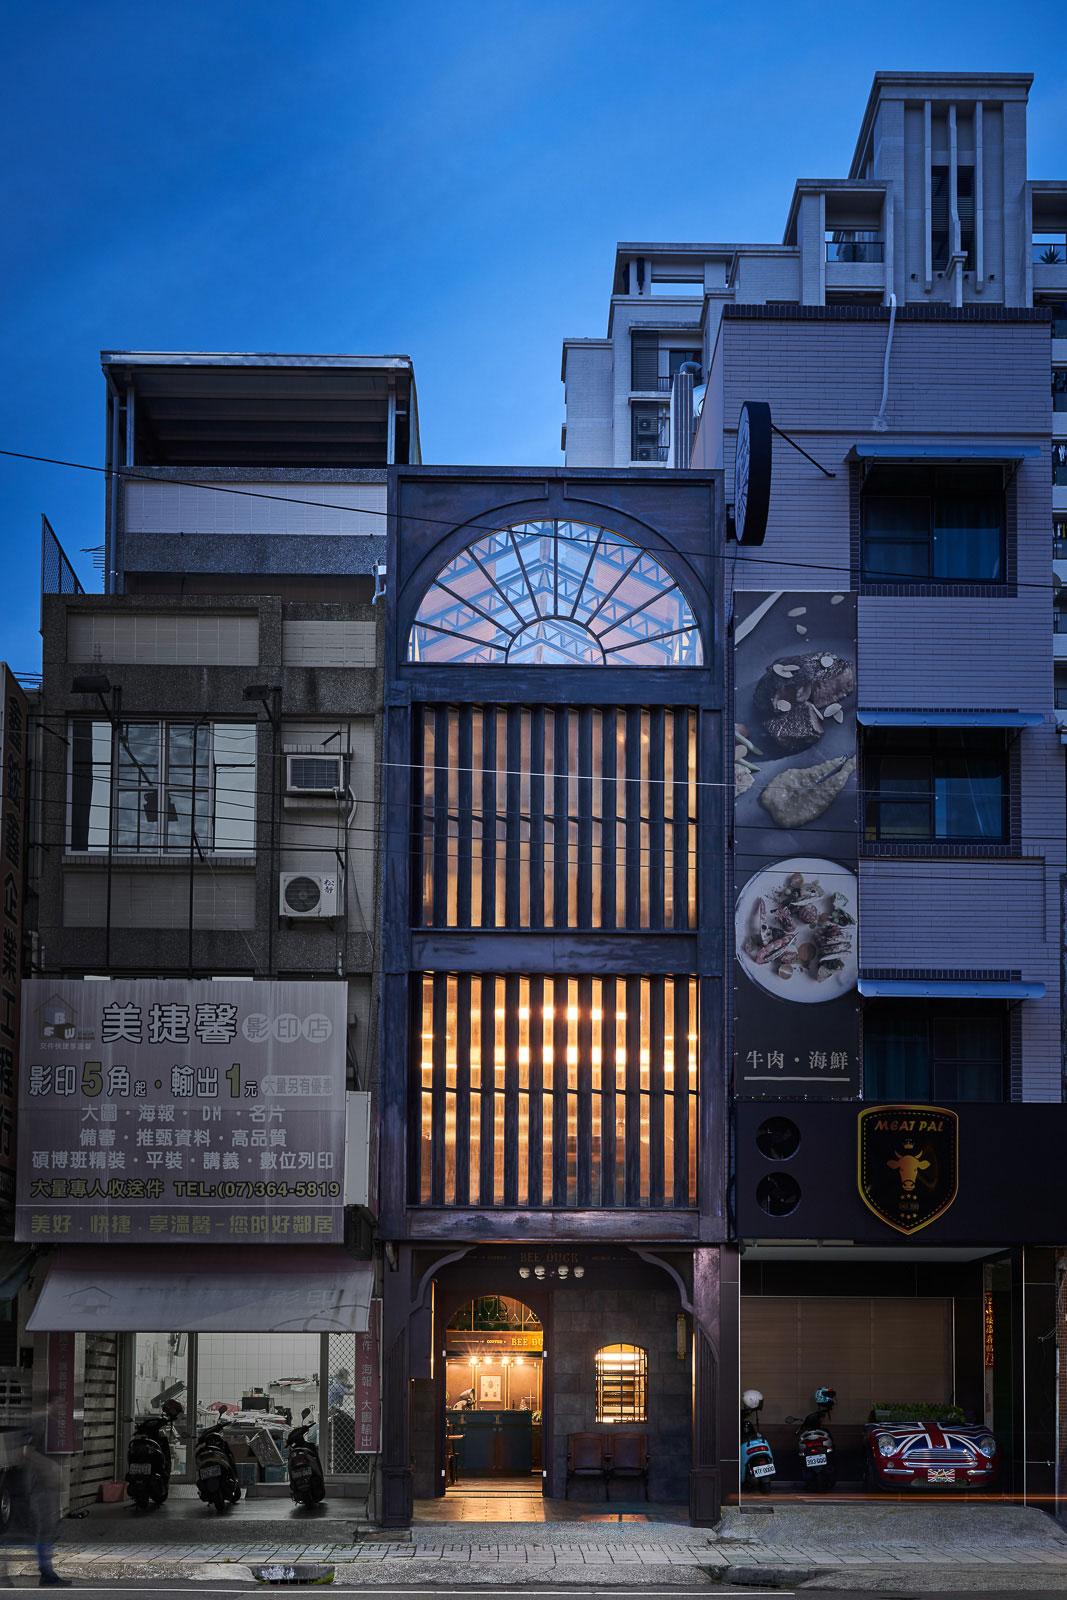 鴨蜜 BEE DUCK by HAO Design in Kaohsiung city, Taiwan.Photography by Hey!Cheese.